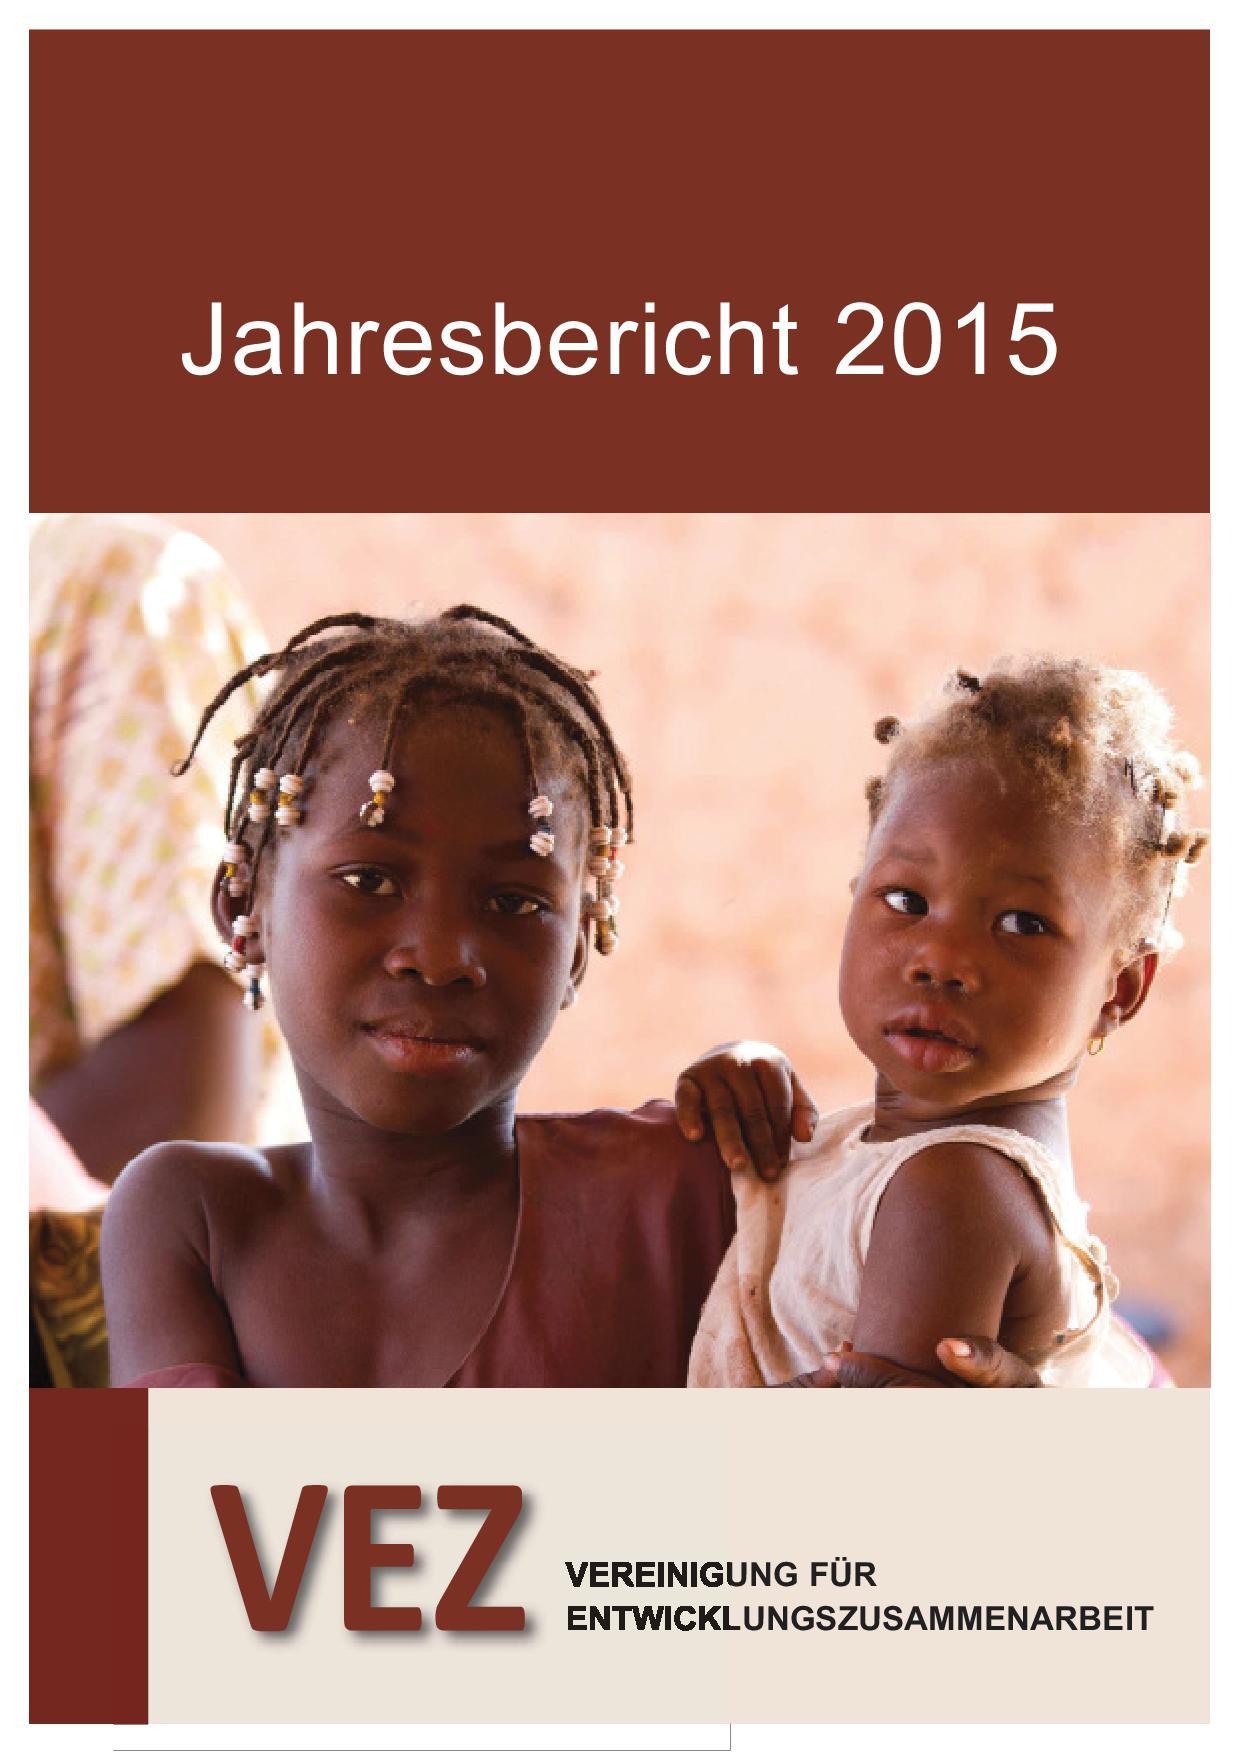 VEZ Jahresbericht 2014 / 2015